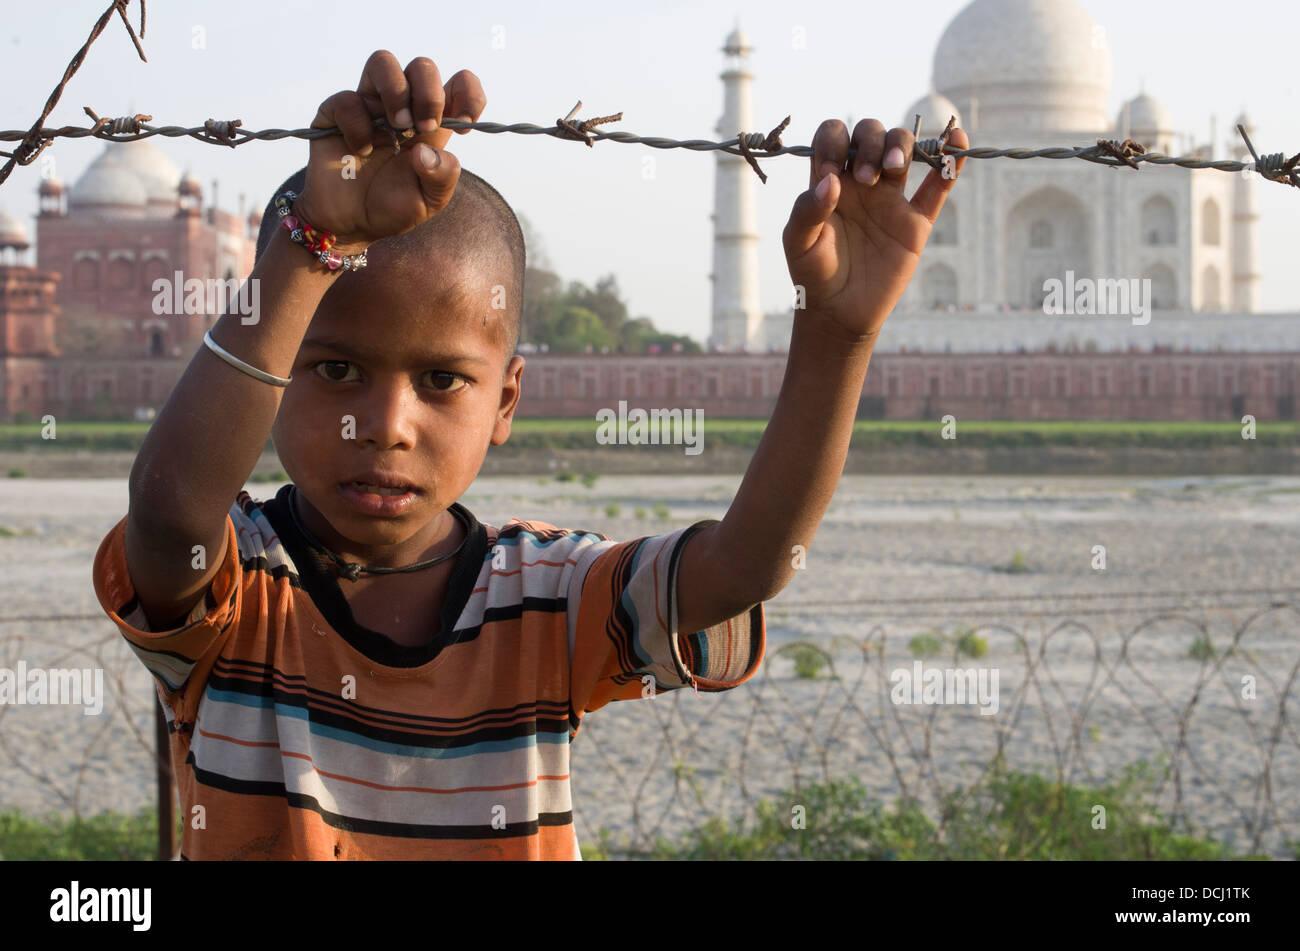 Il ragazzo, filo spinato, Taj Mahal bianco mausoleo di marmo - Agra, India un Sito Patrimonio Mondiale dell'UNESCO Immagini Stock